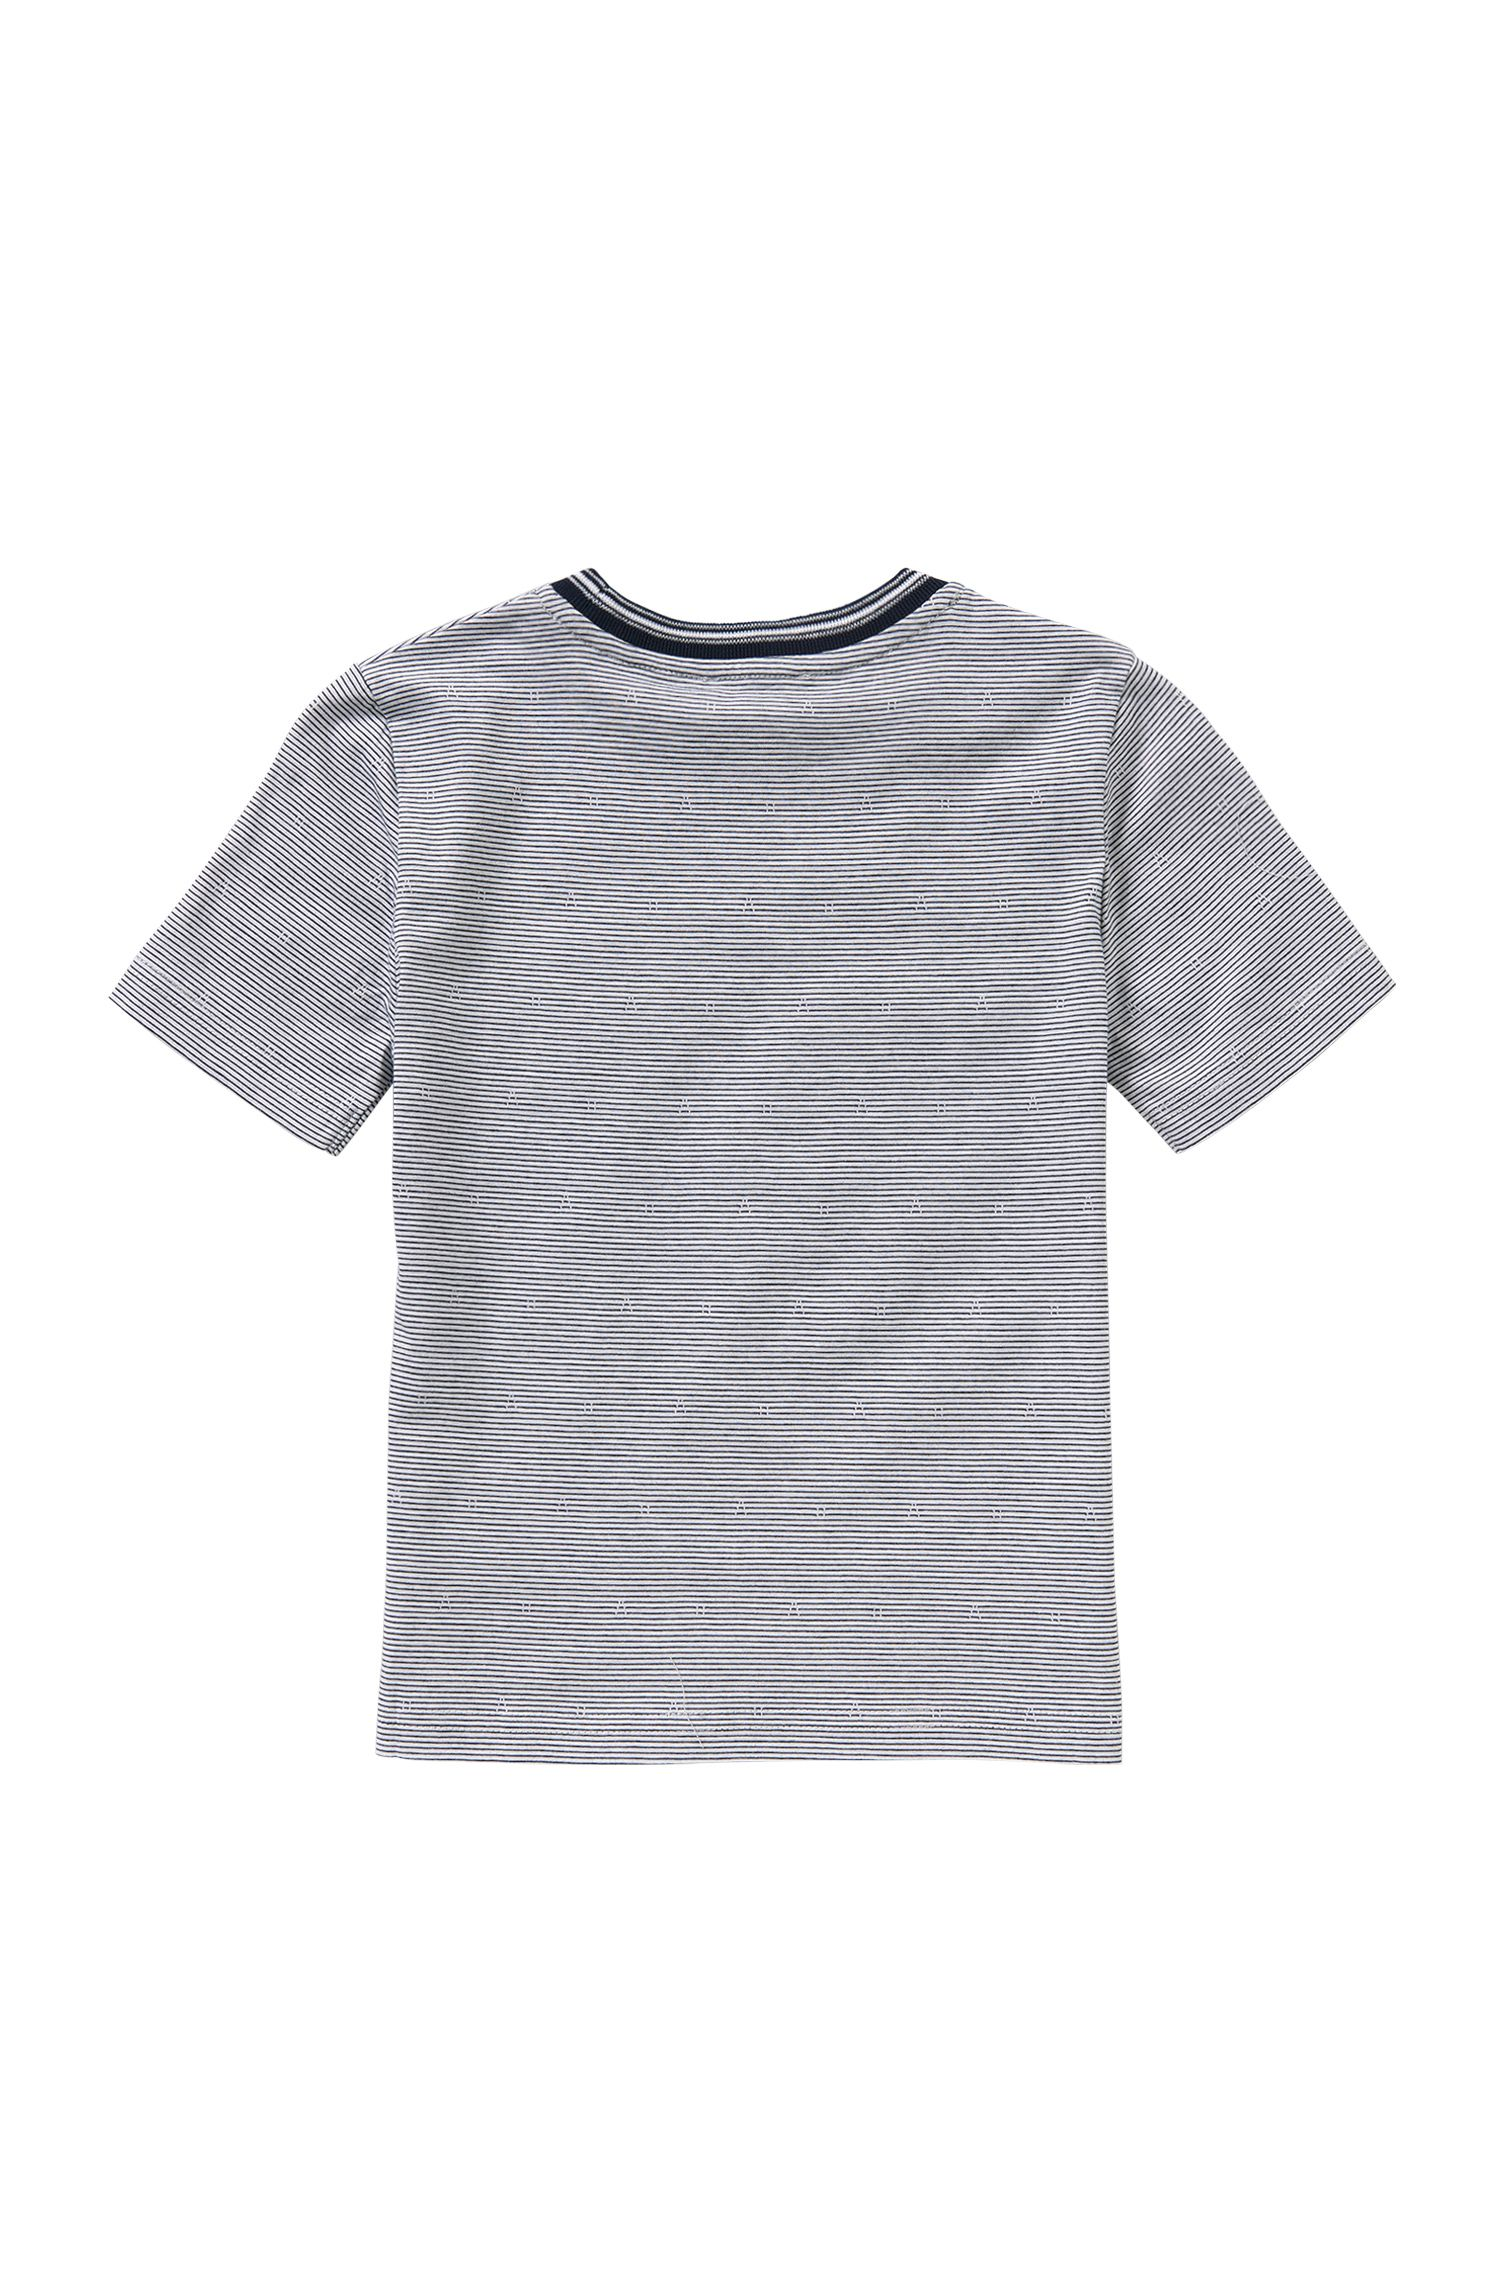 Gestreept kinder-T-shirt van katoen: 'J25933'